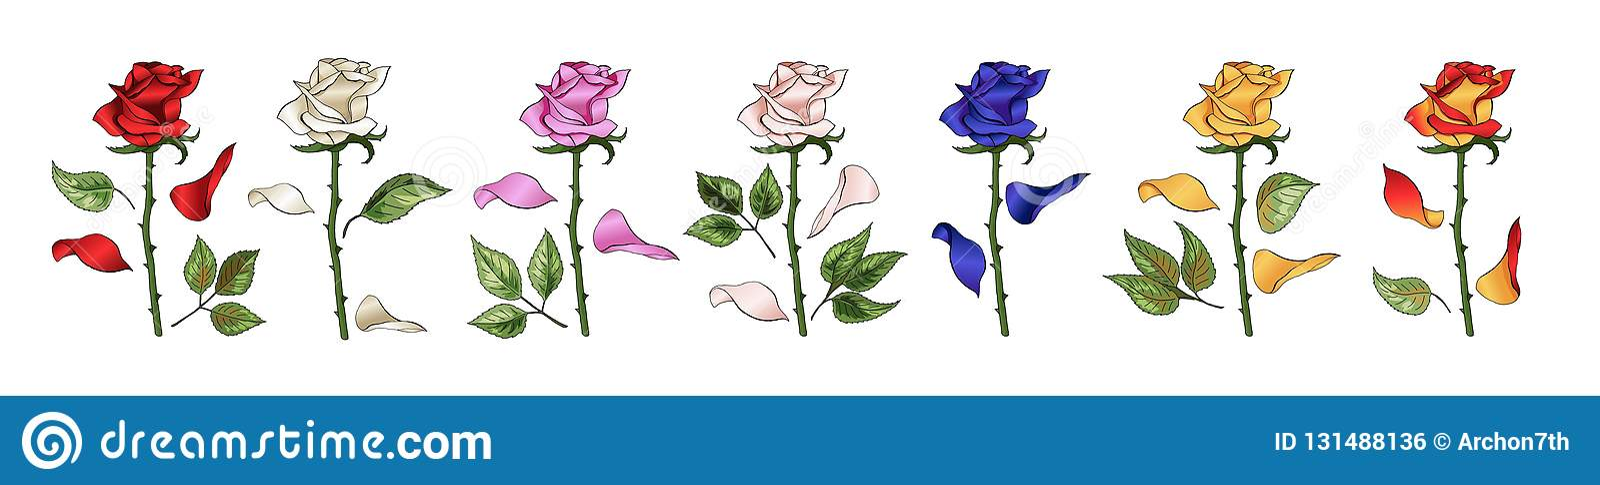 Les roses remettent le dessin et colorées Un ensemble se développant de boutons de rose Illustration de vecteur